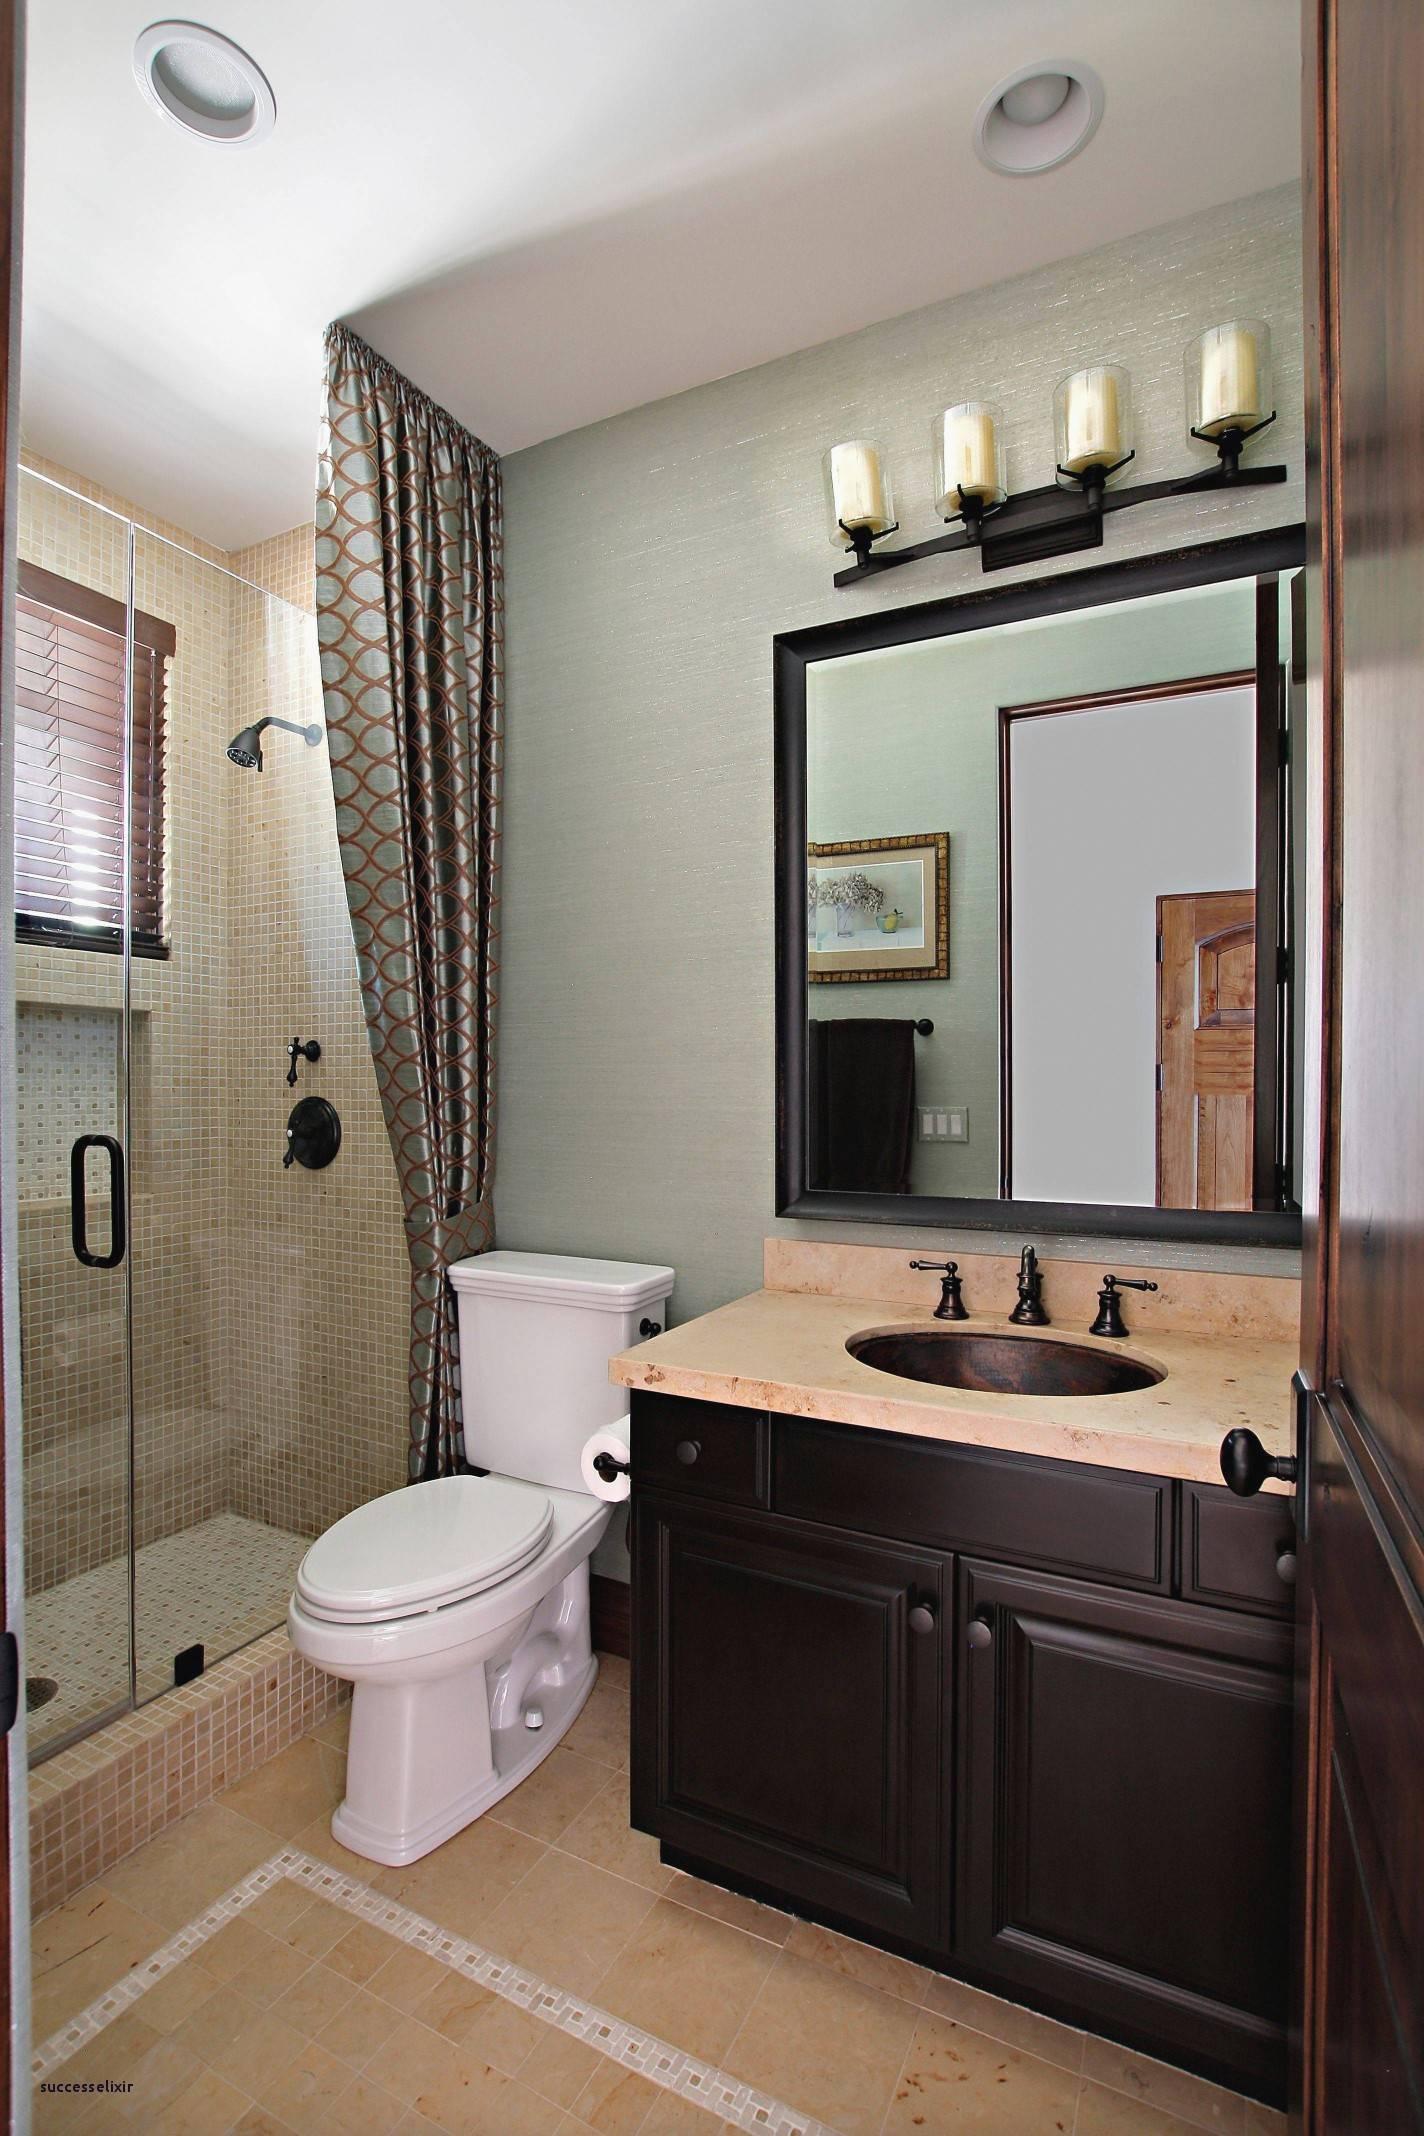 small wet room design ideas best of 32 wet room bathroom design ideas norwin home design of small wet room design ideas